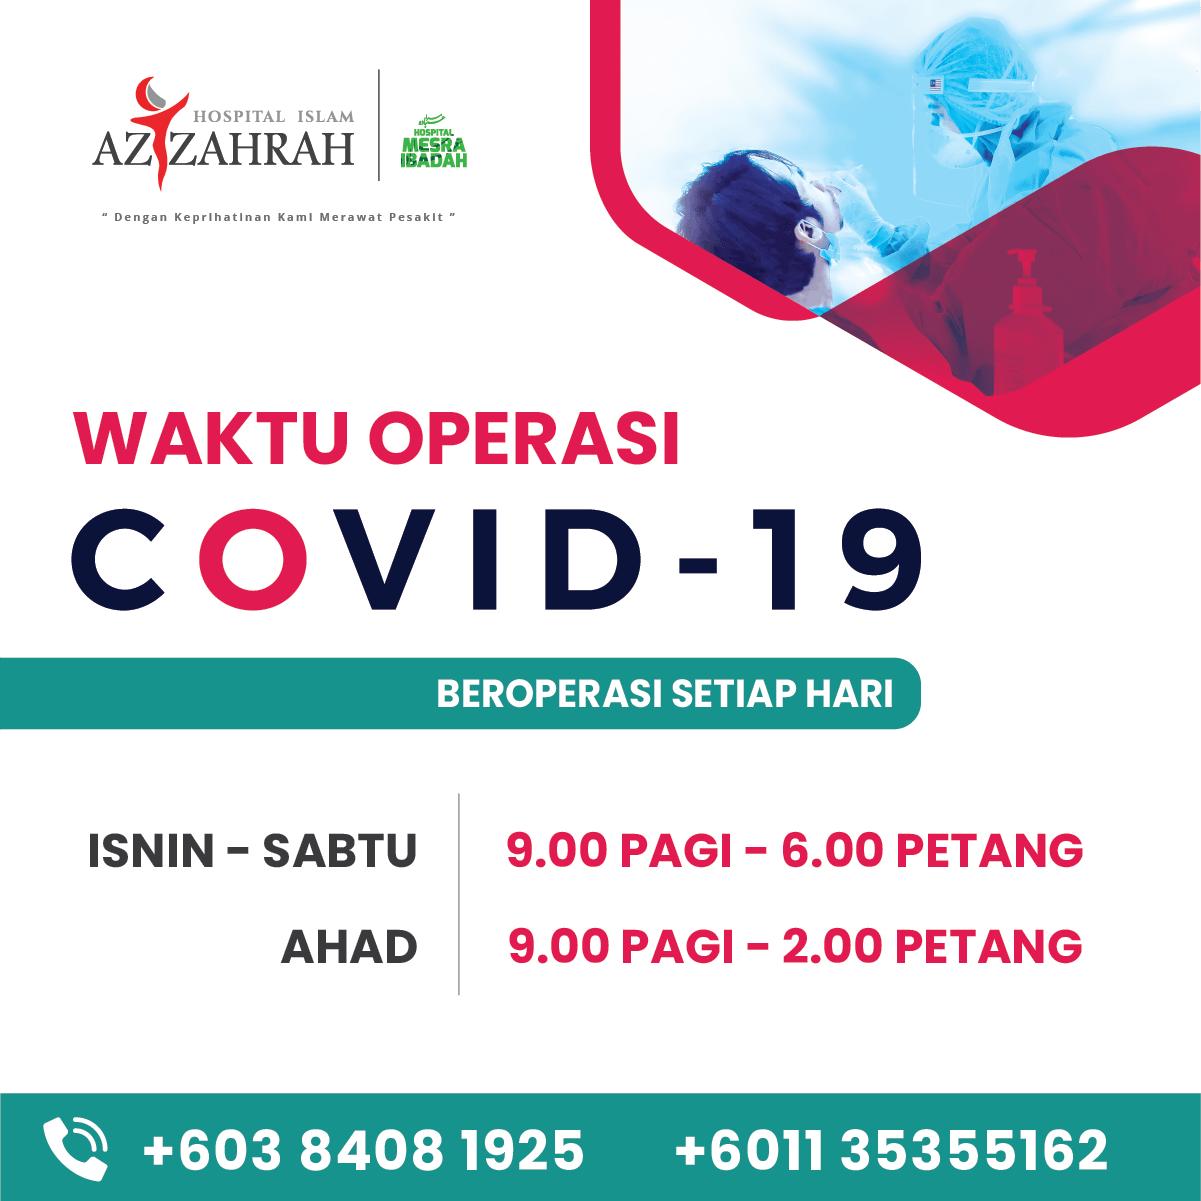 SARINGAN COVID-19, HOSPITAL ISLAM AZ-ZAHRAH 2021